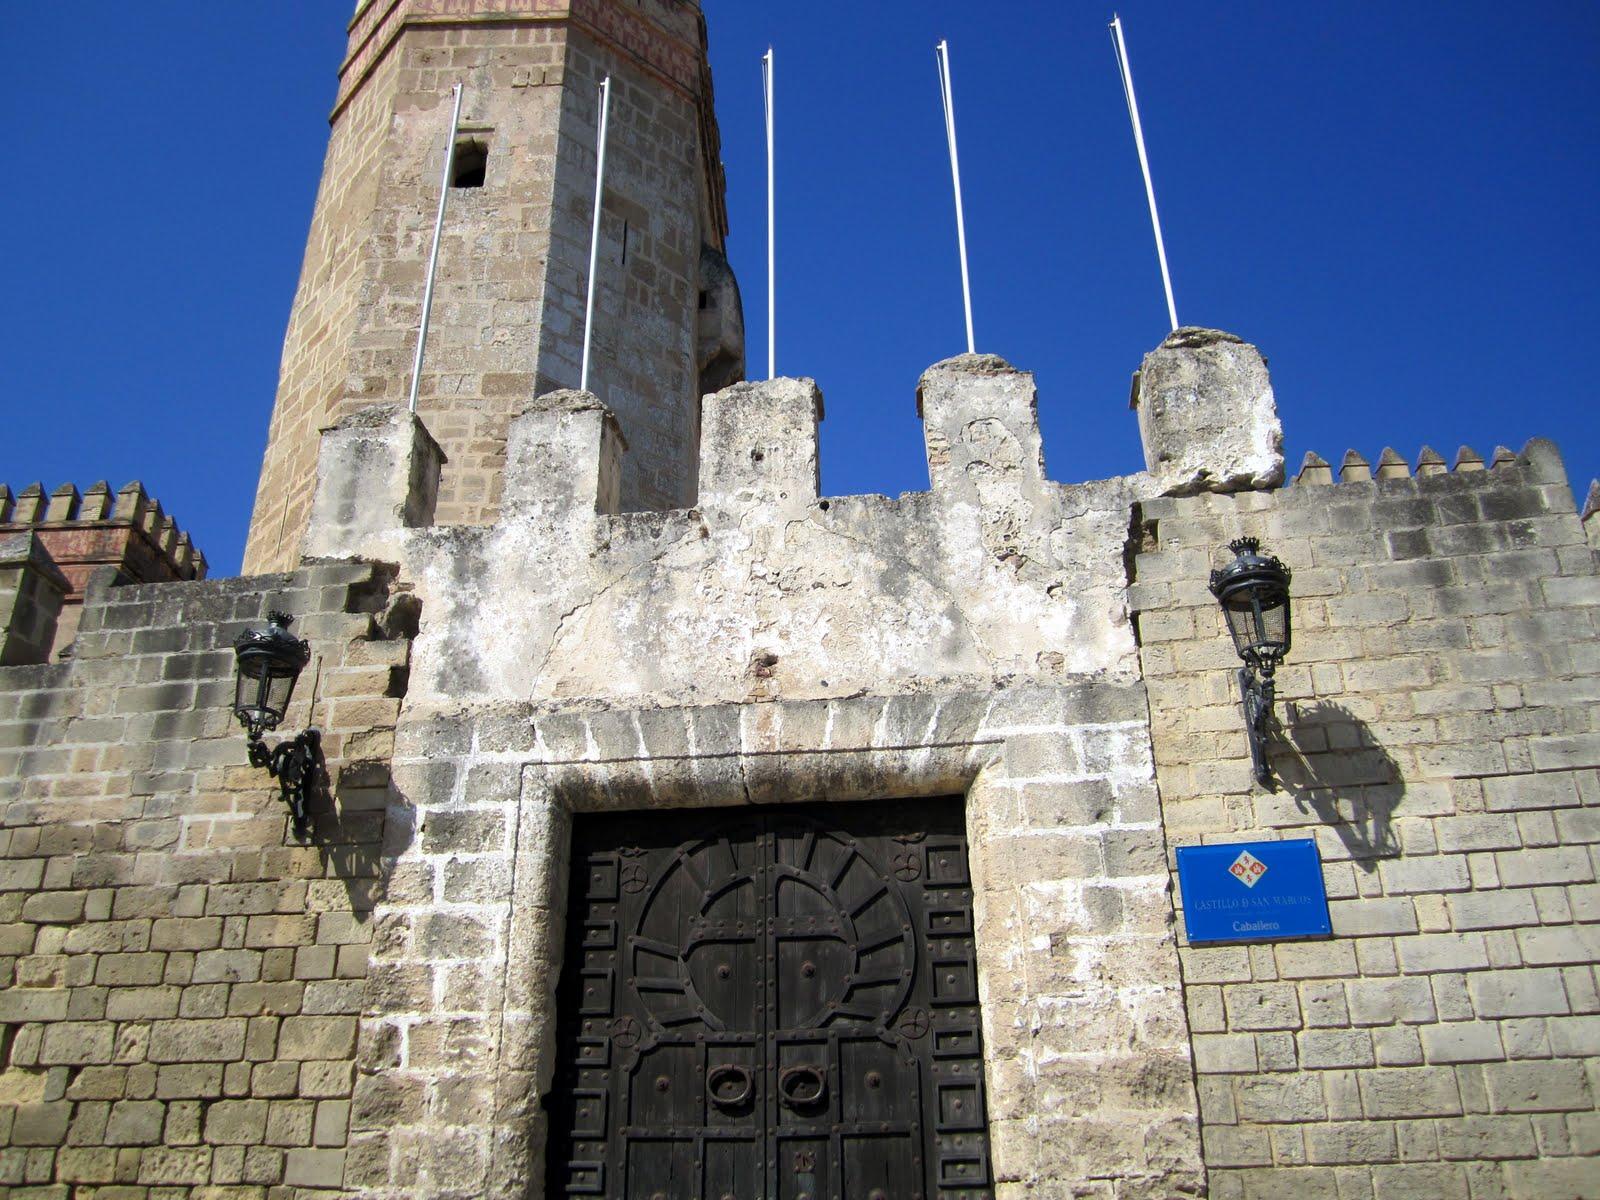 El puerto de santa mar a y puerto real c diz andaluc a espa a - Puerto santa maria cadiz ...